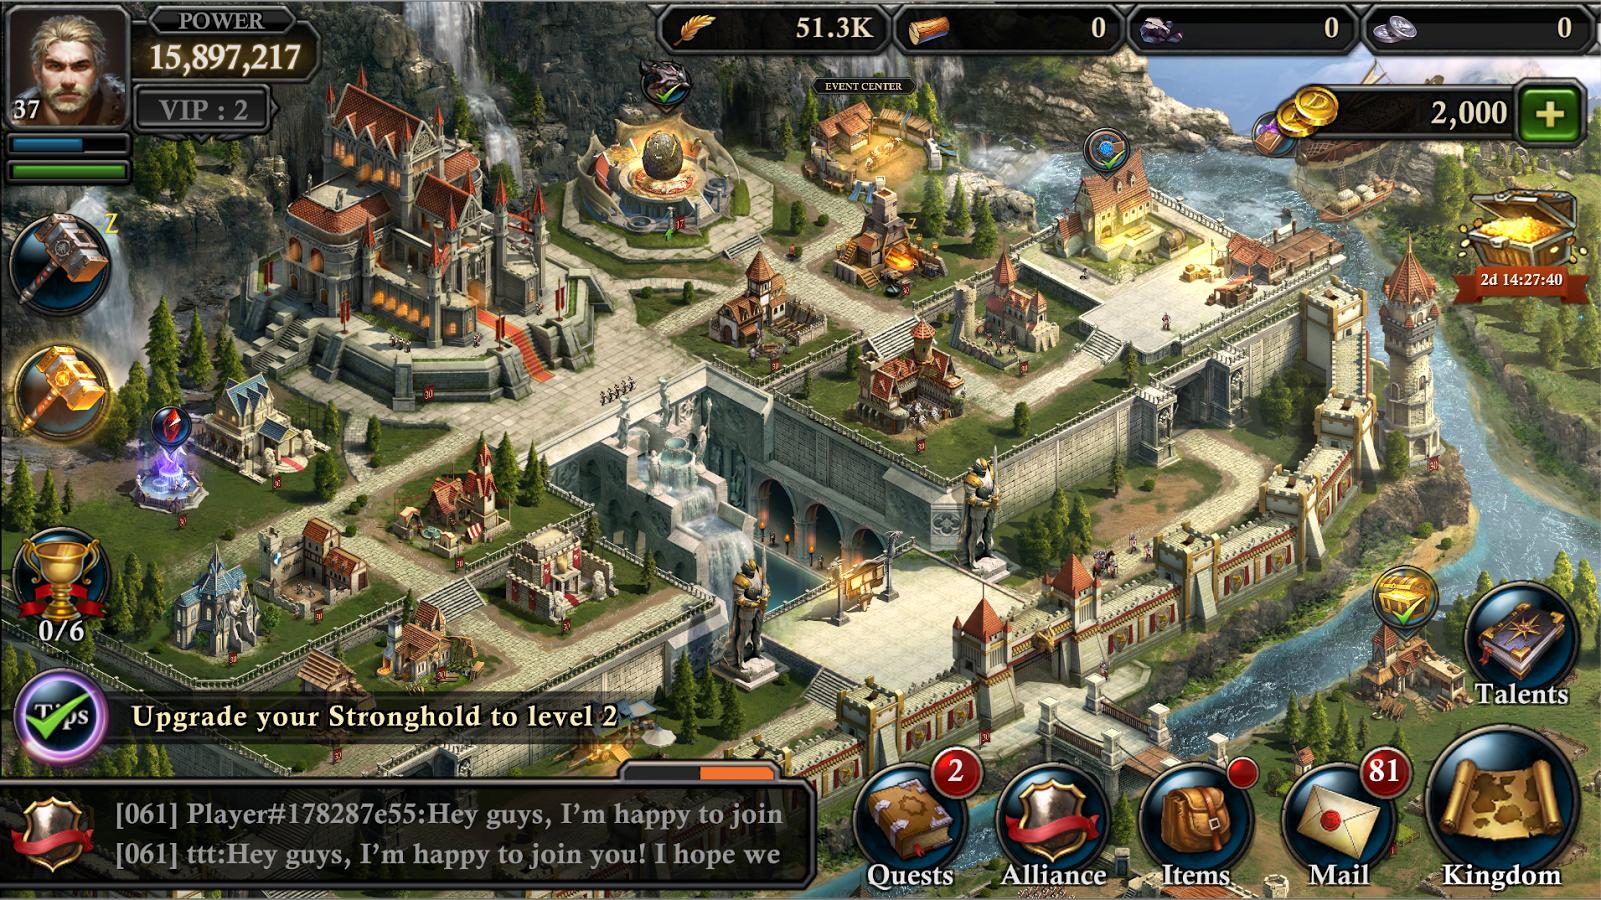 3 giochi simili a Age of Empire per Android 1